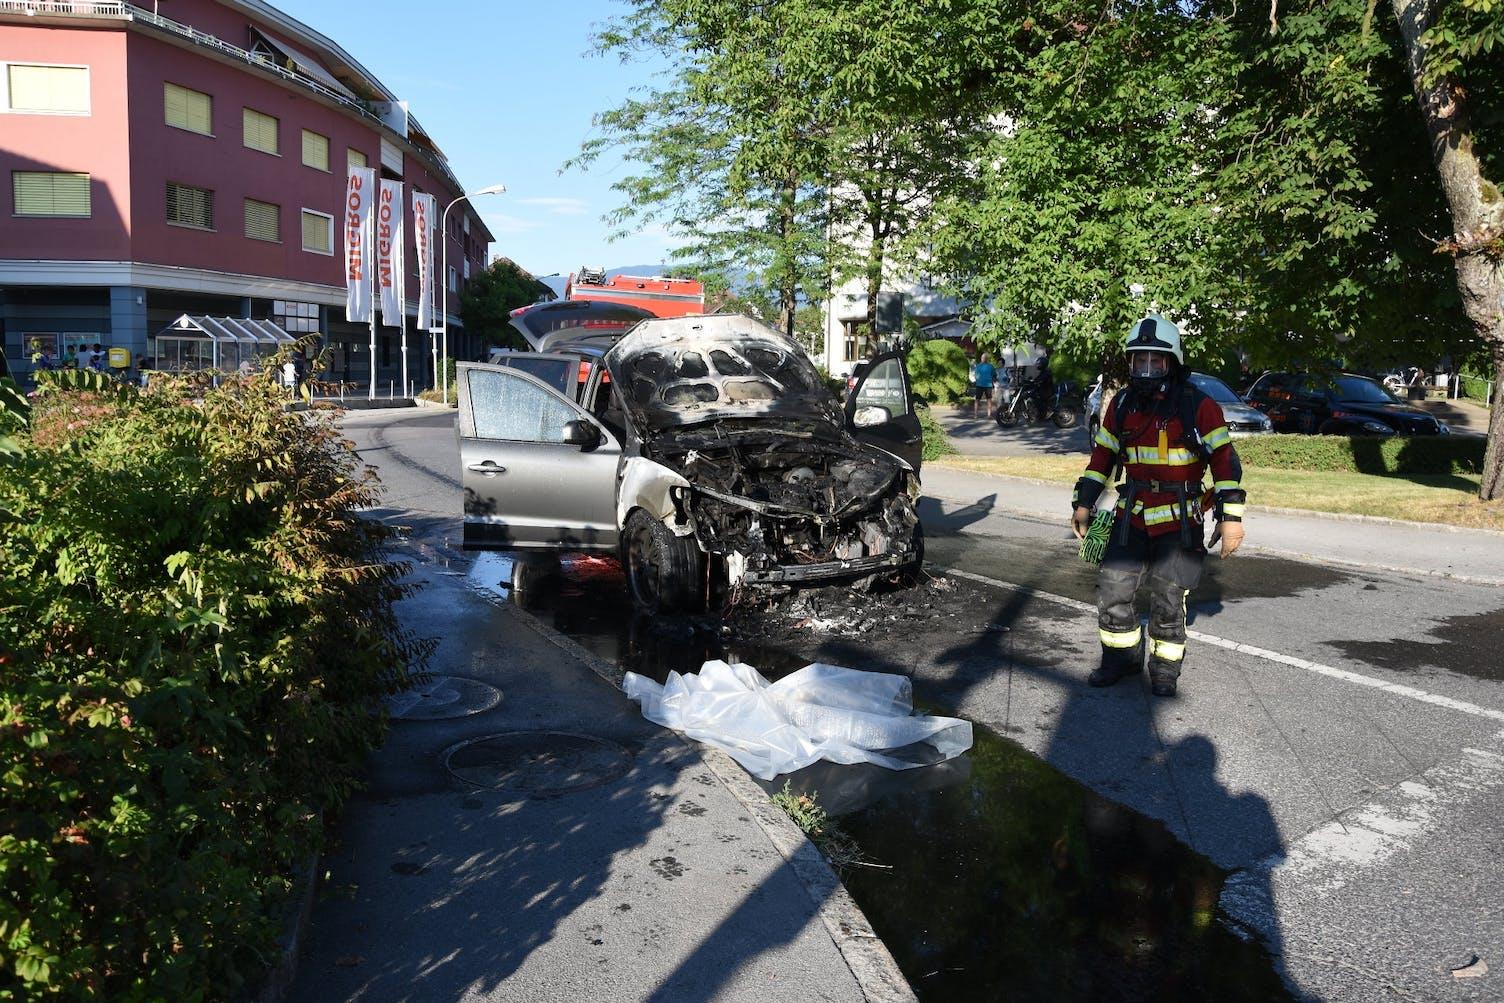 Diepoldsau Autobrand